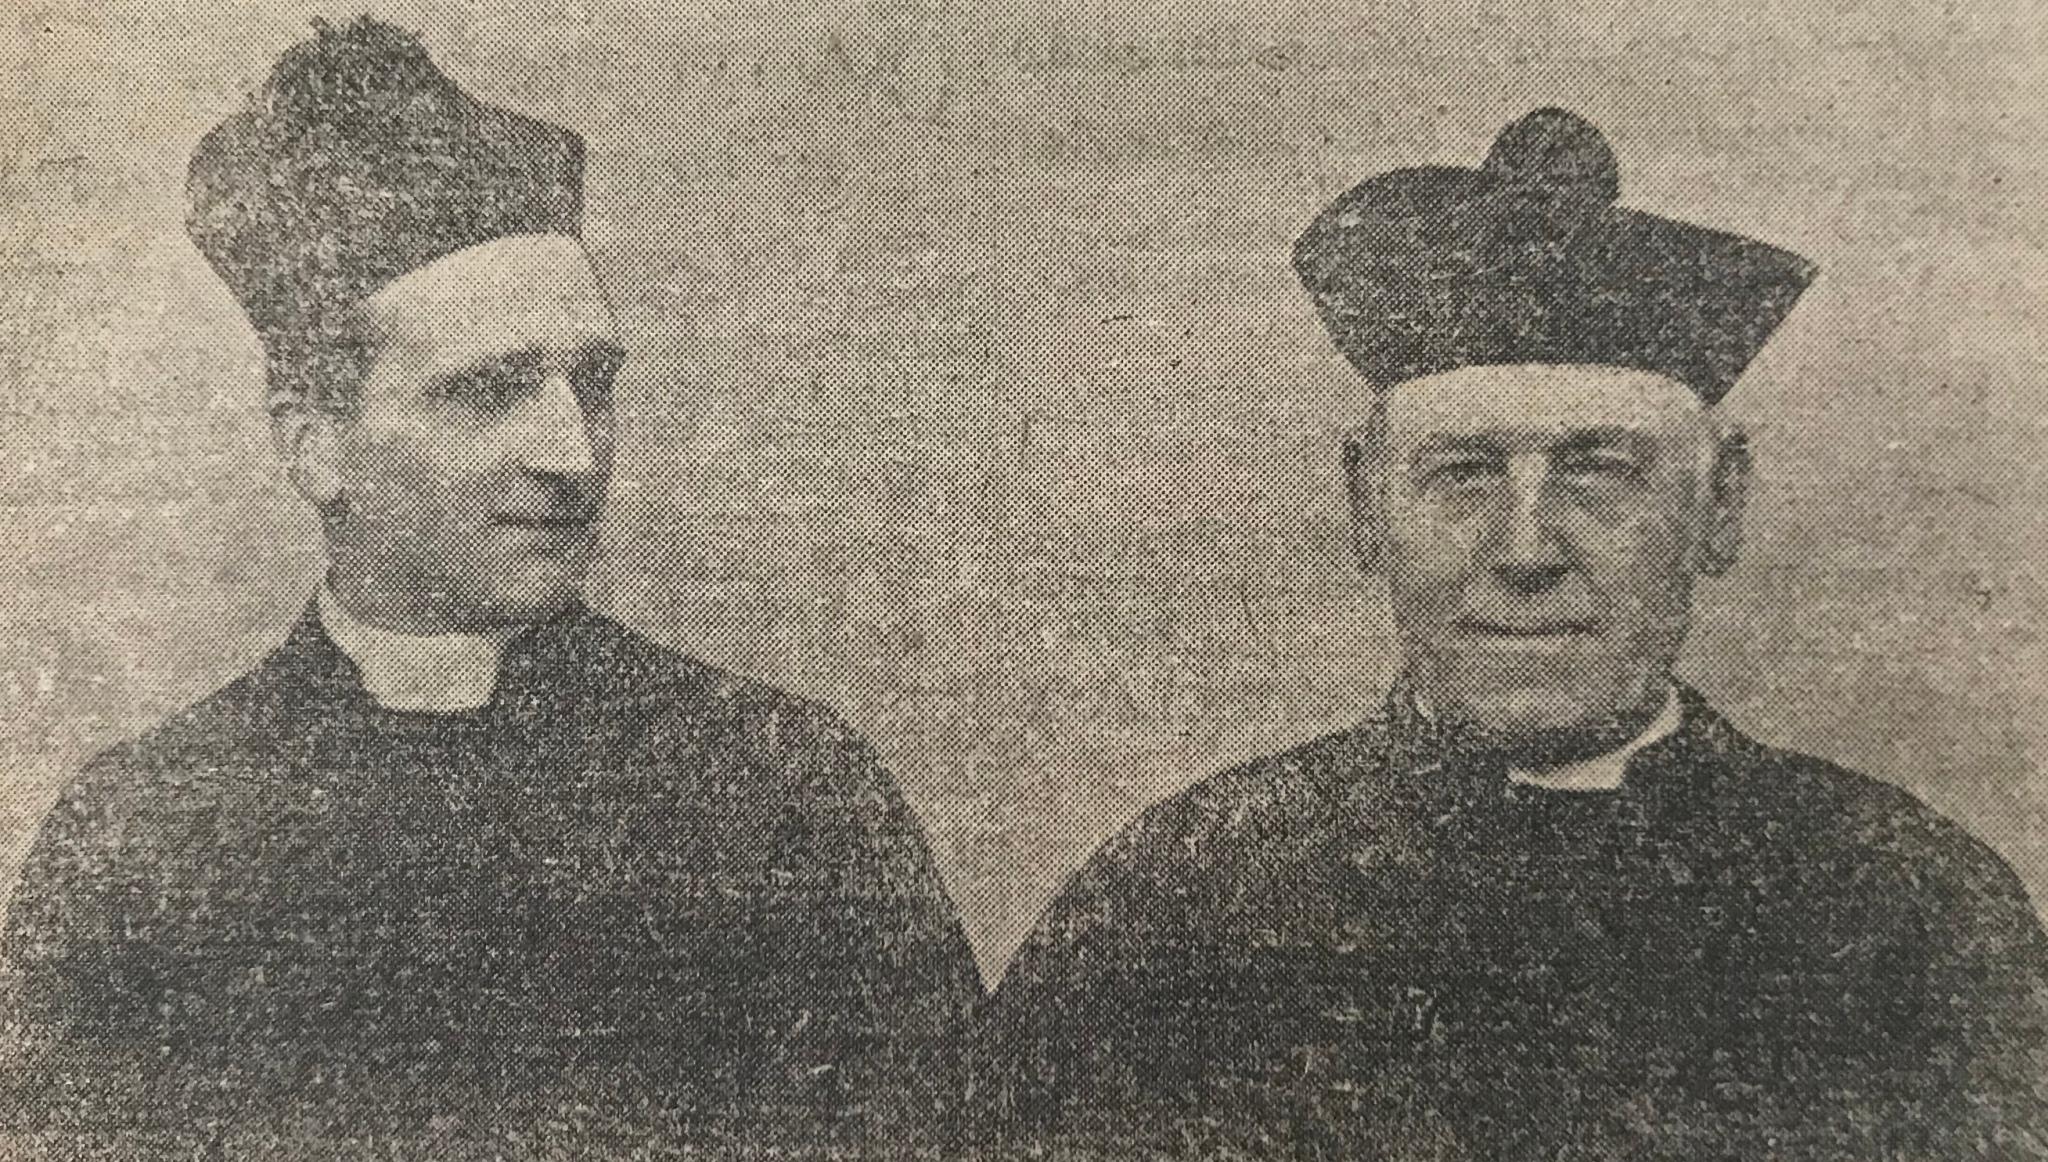 Heaton and Jones